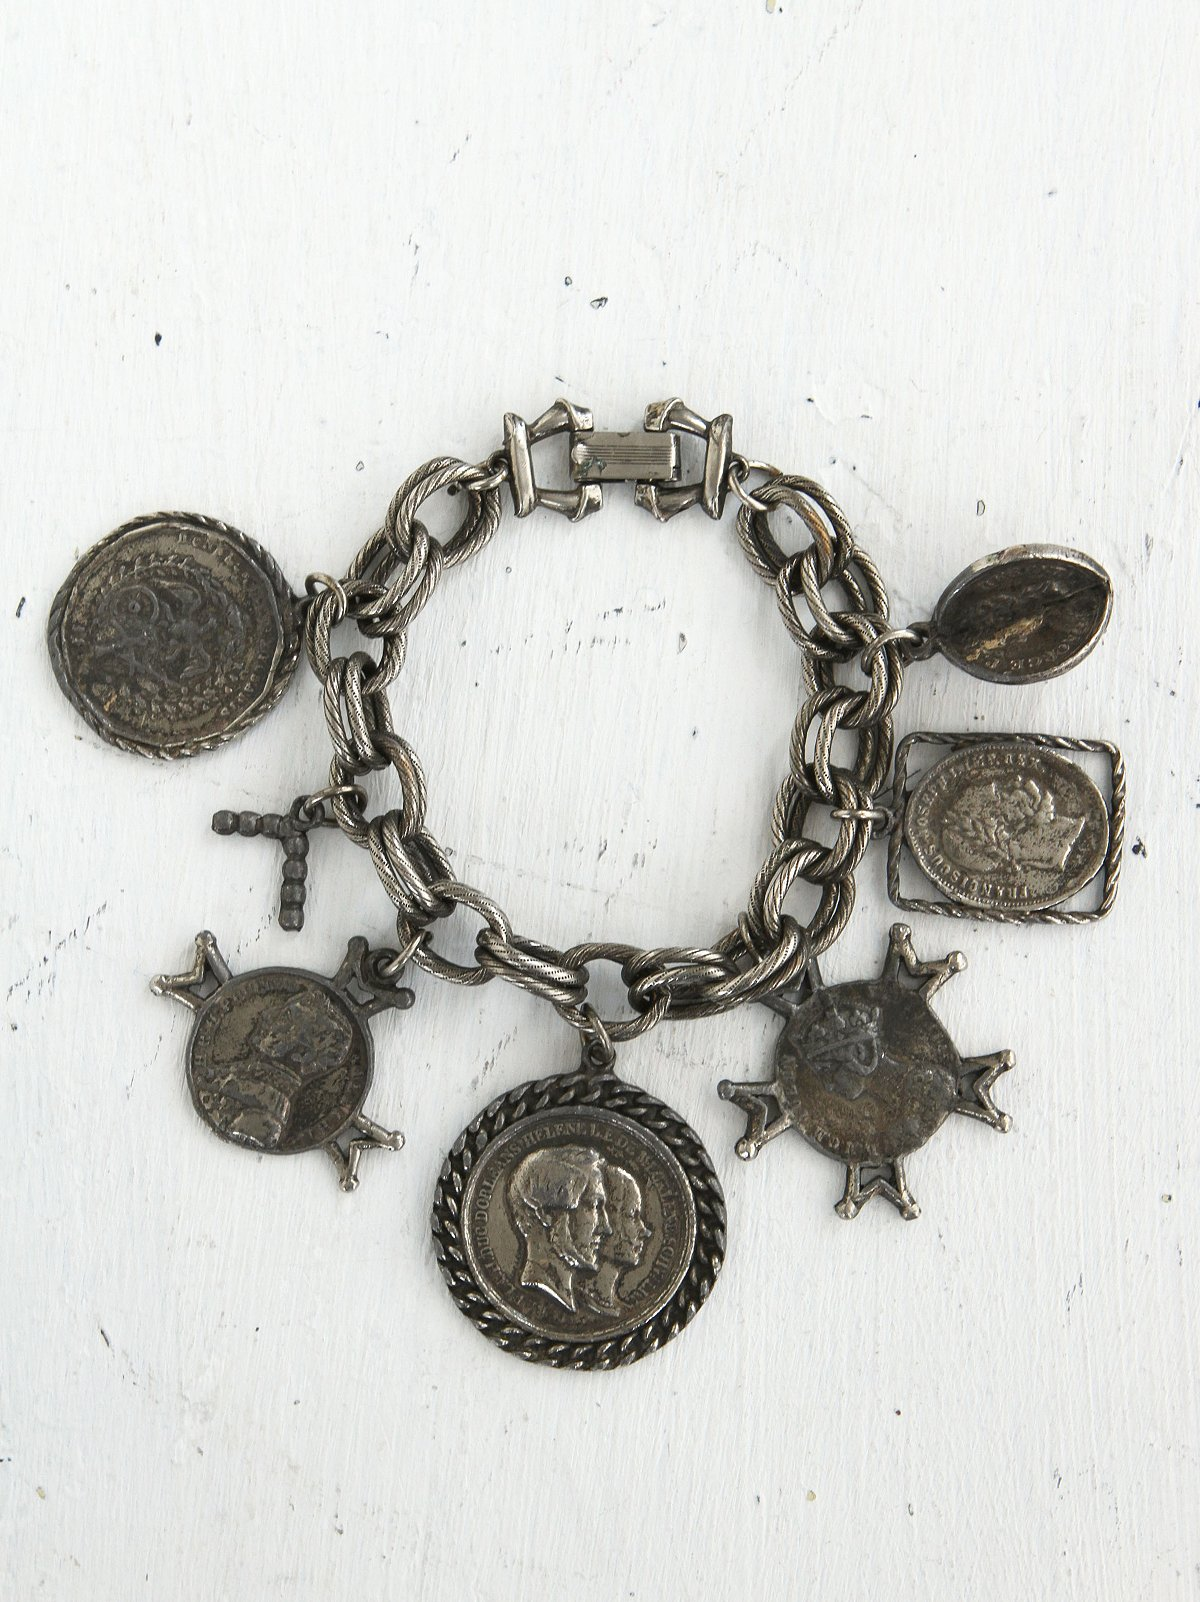 Vintage Distressed Silver Coin Bracelet